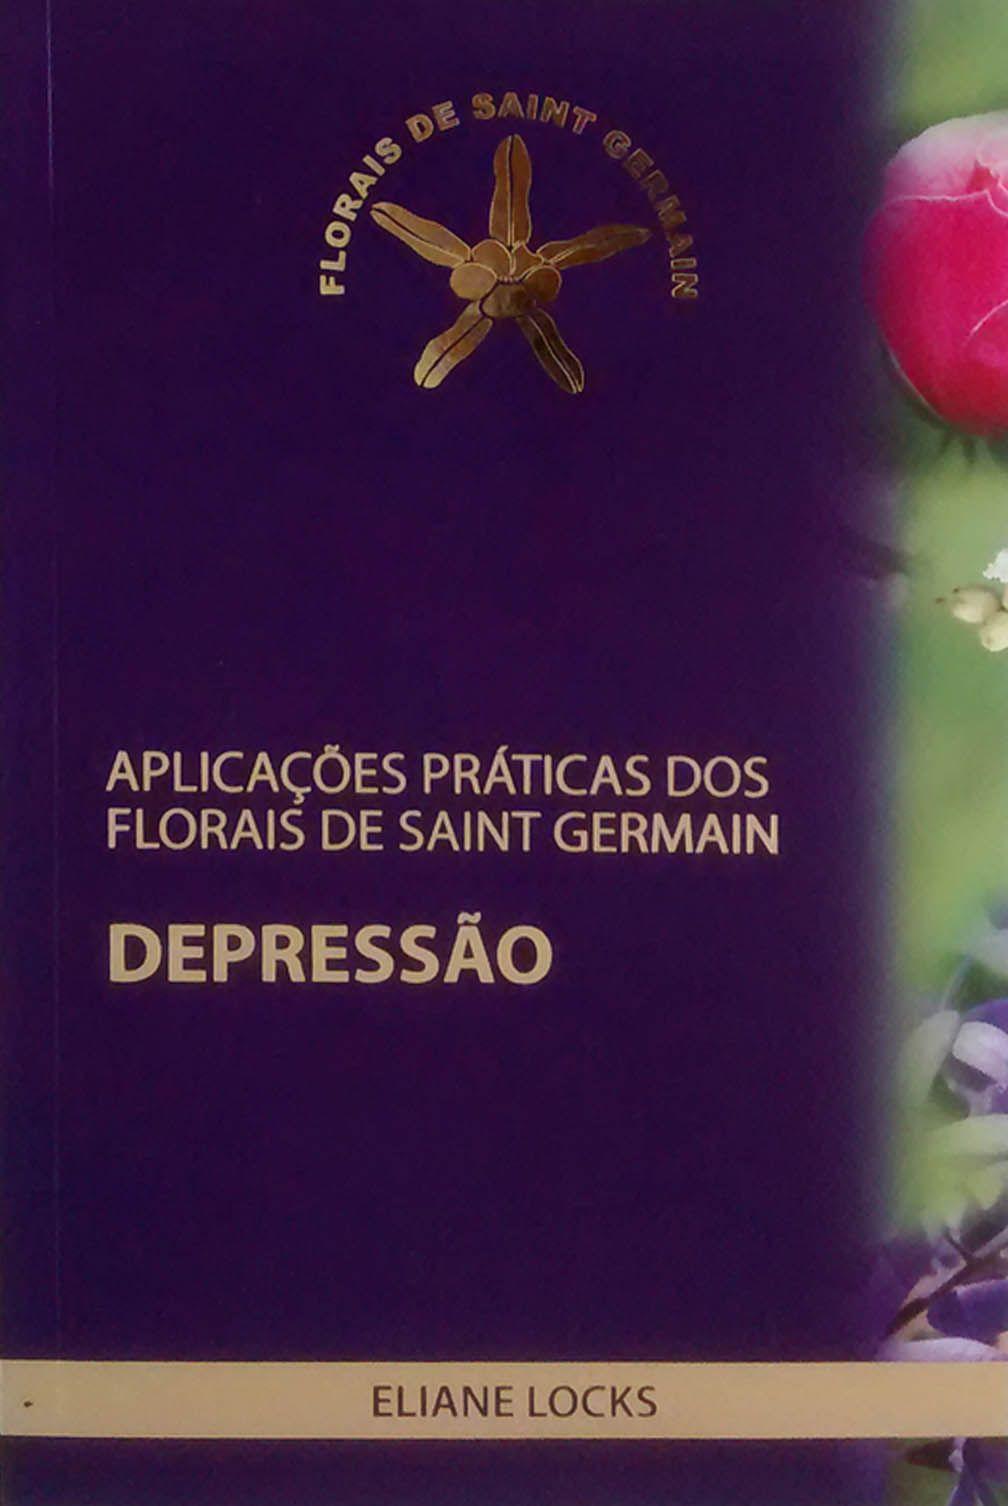 Livro Aplicações Práticas dos Florais de Saint Germain - Depressão - Eliane Locks  - Floressência